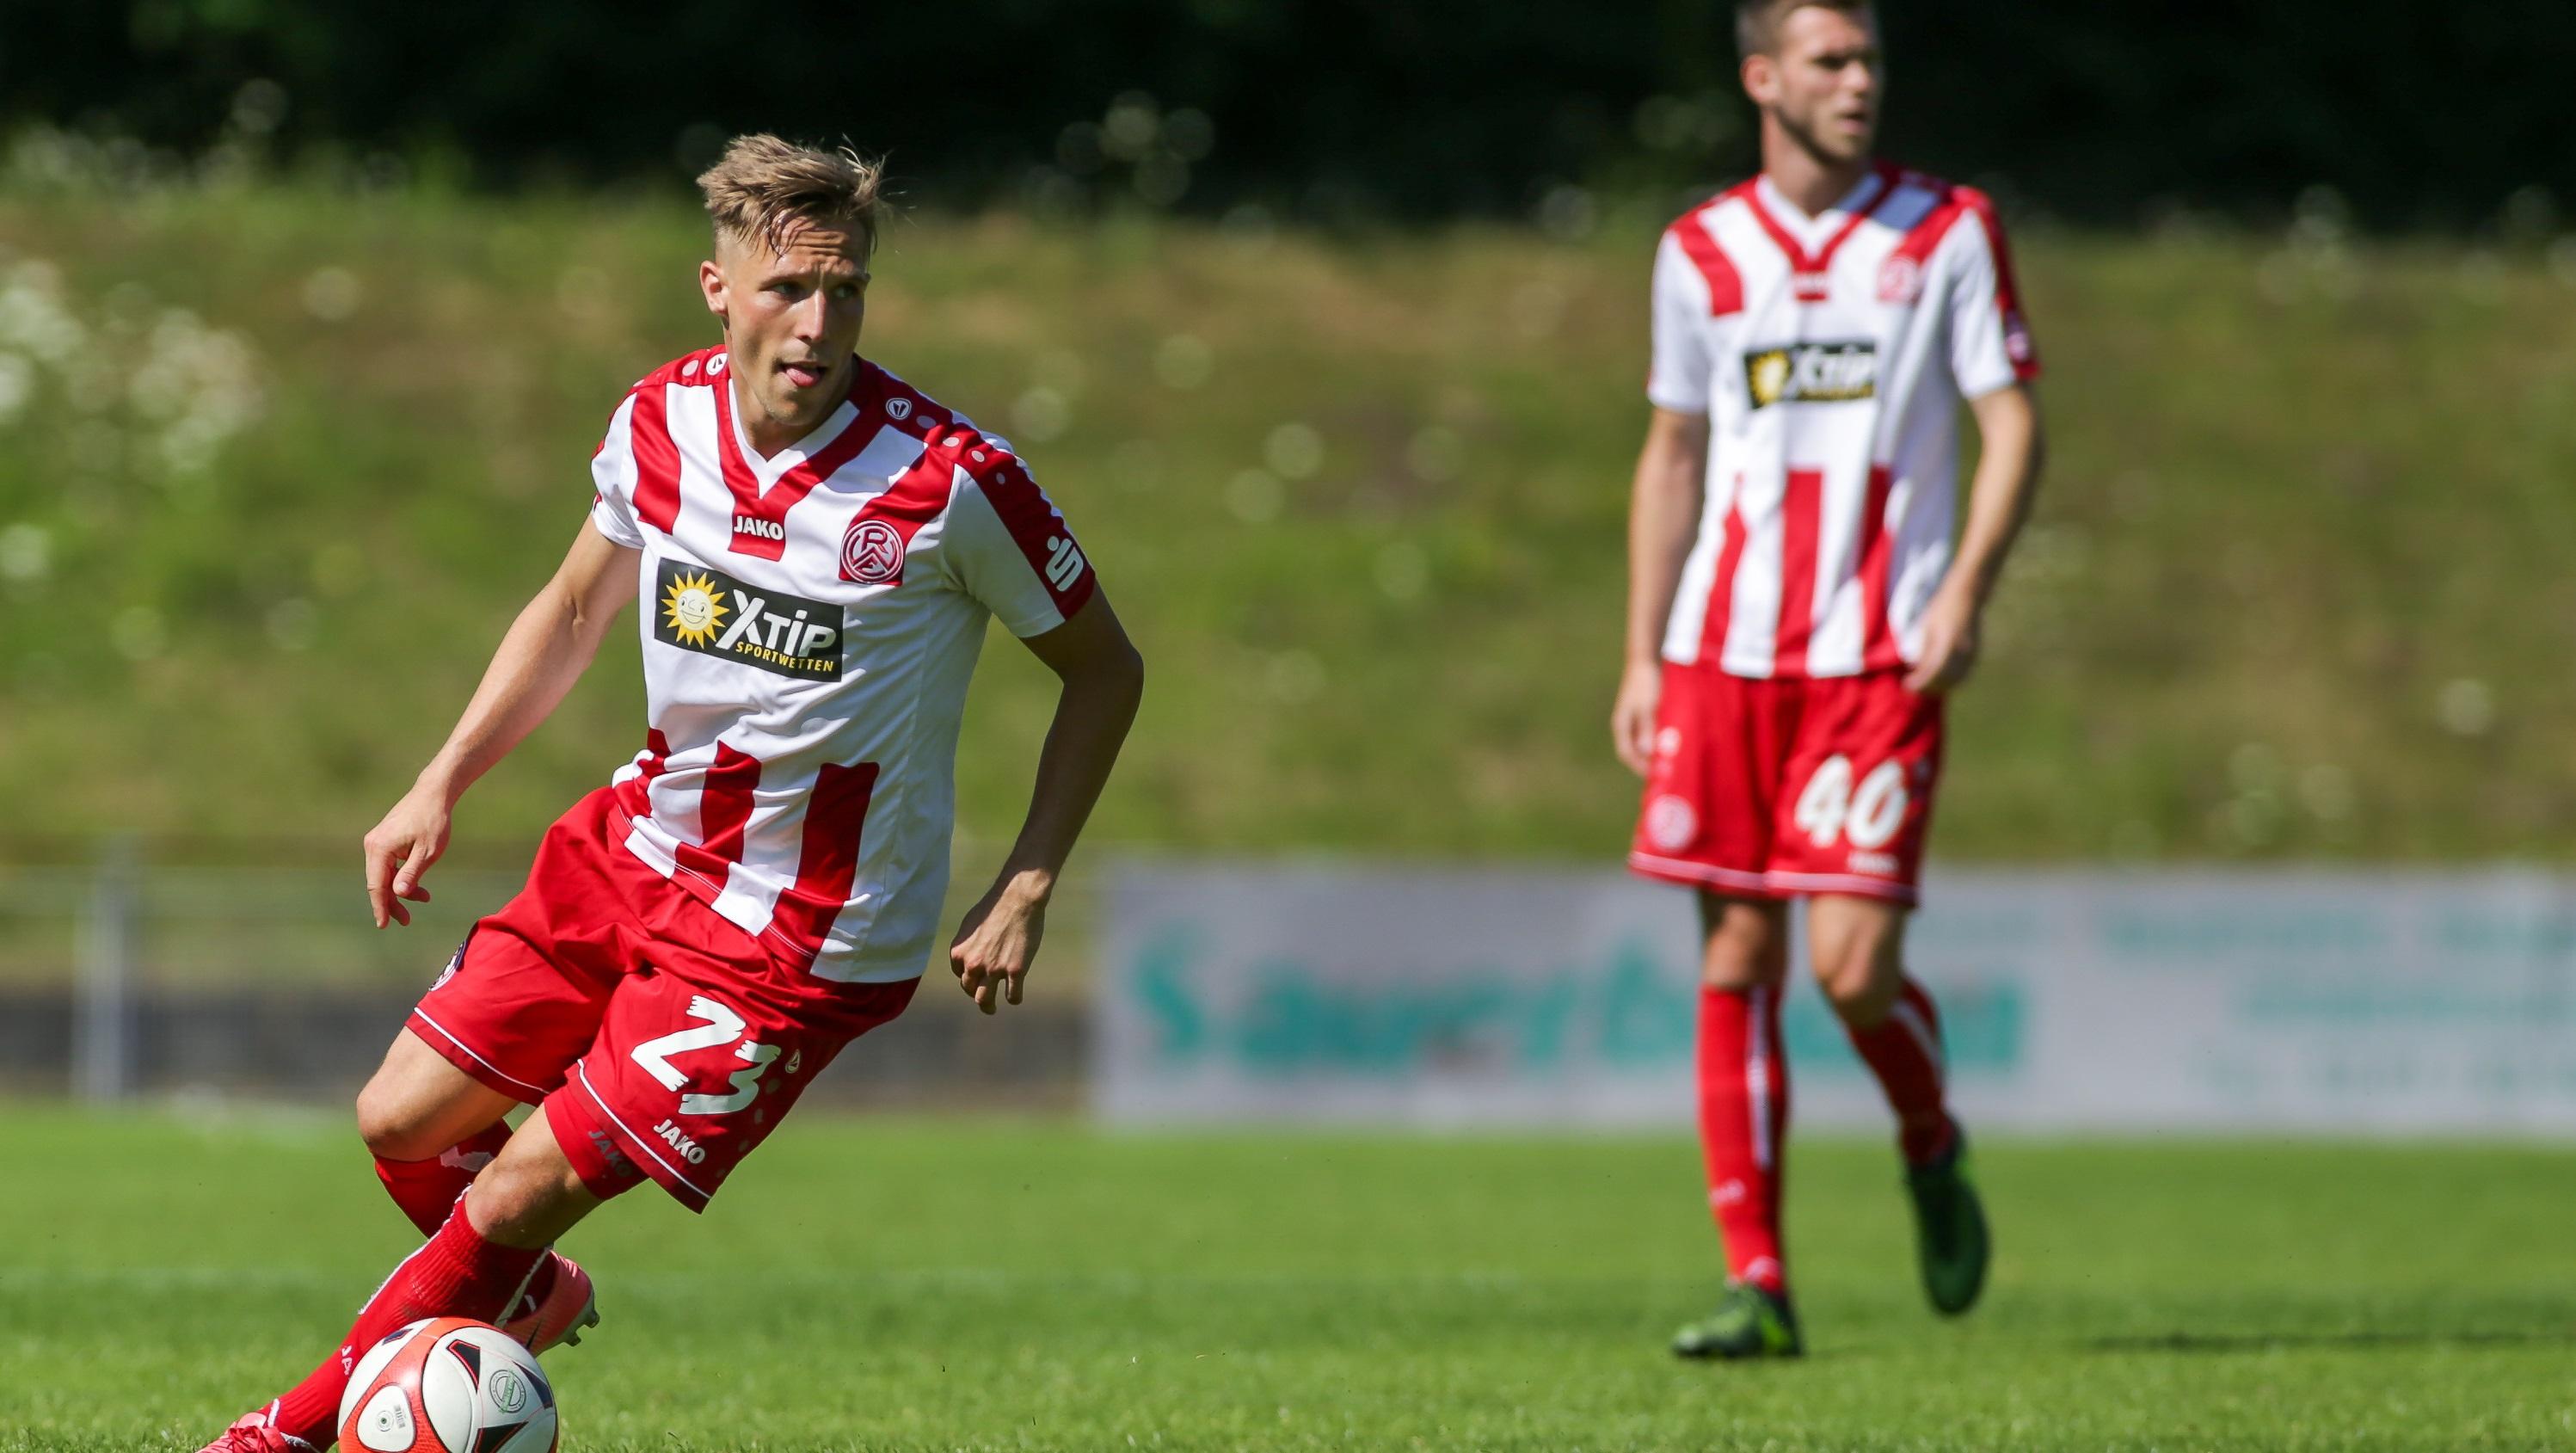 Trifft auf seine ehemaligen Teamkollegen: Florian Bichler.